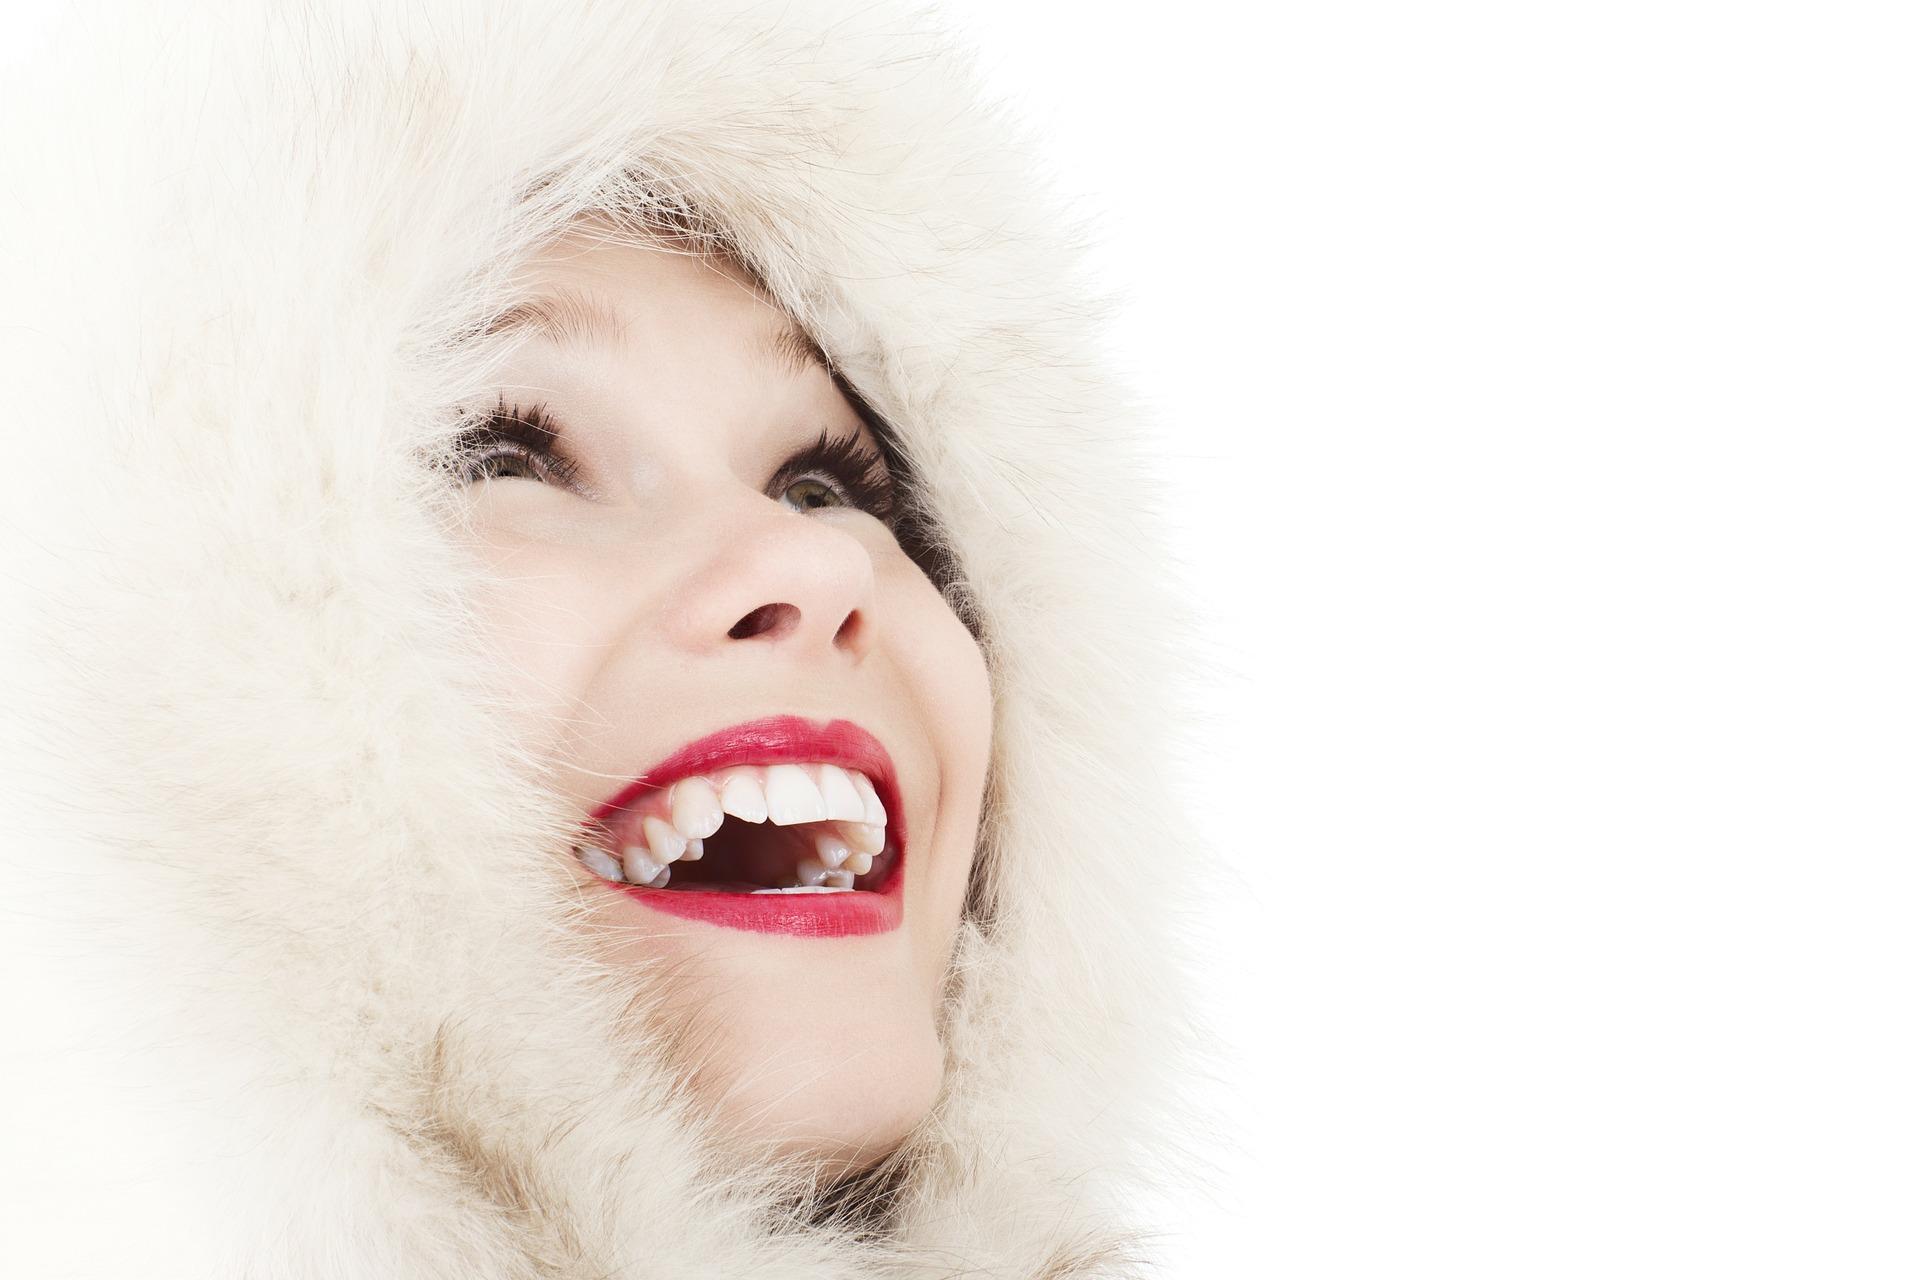 wit dental care smile